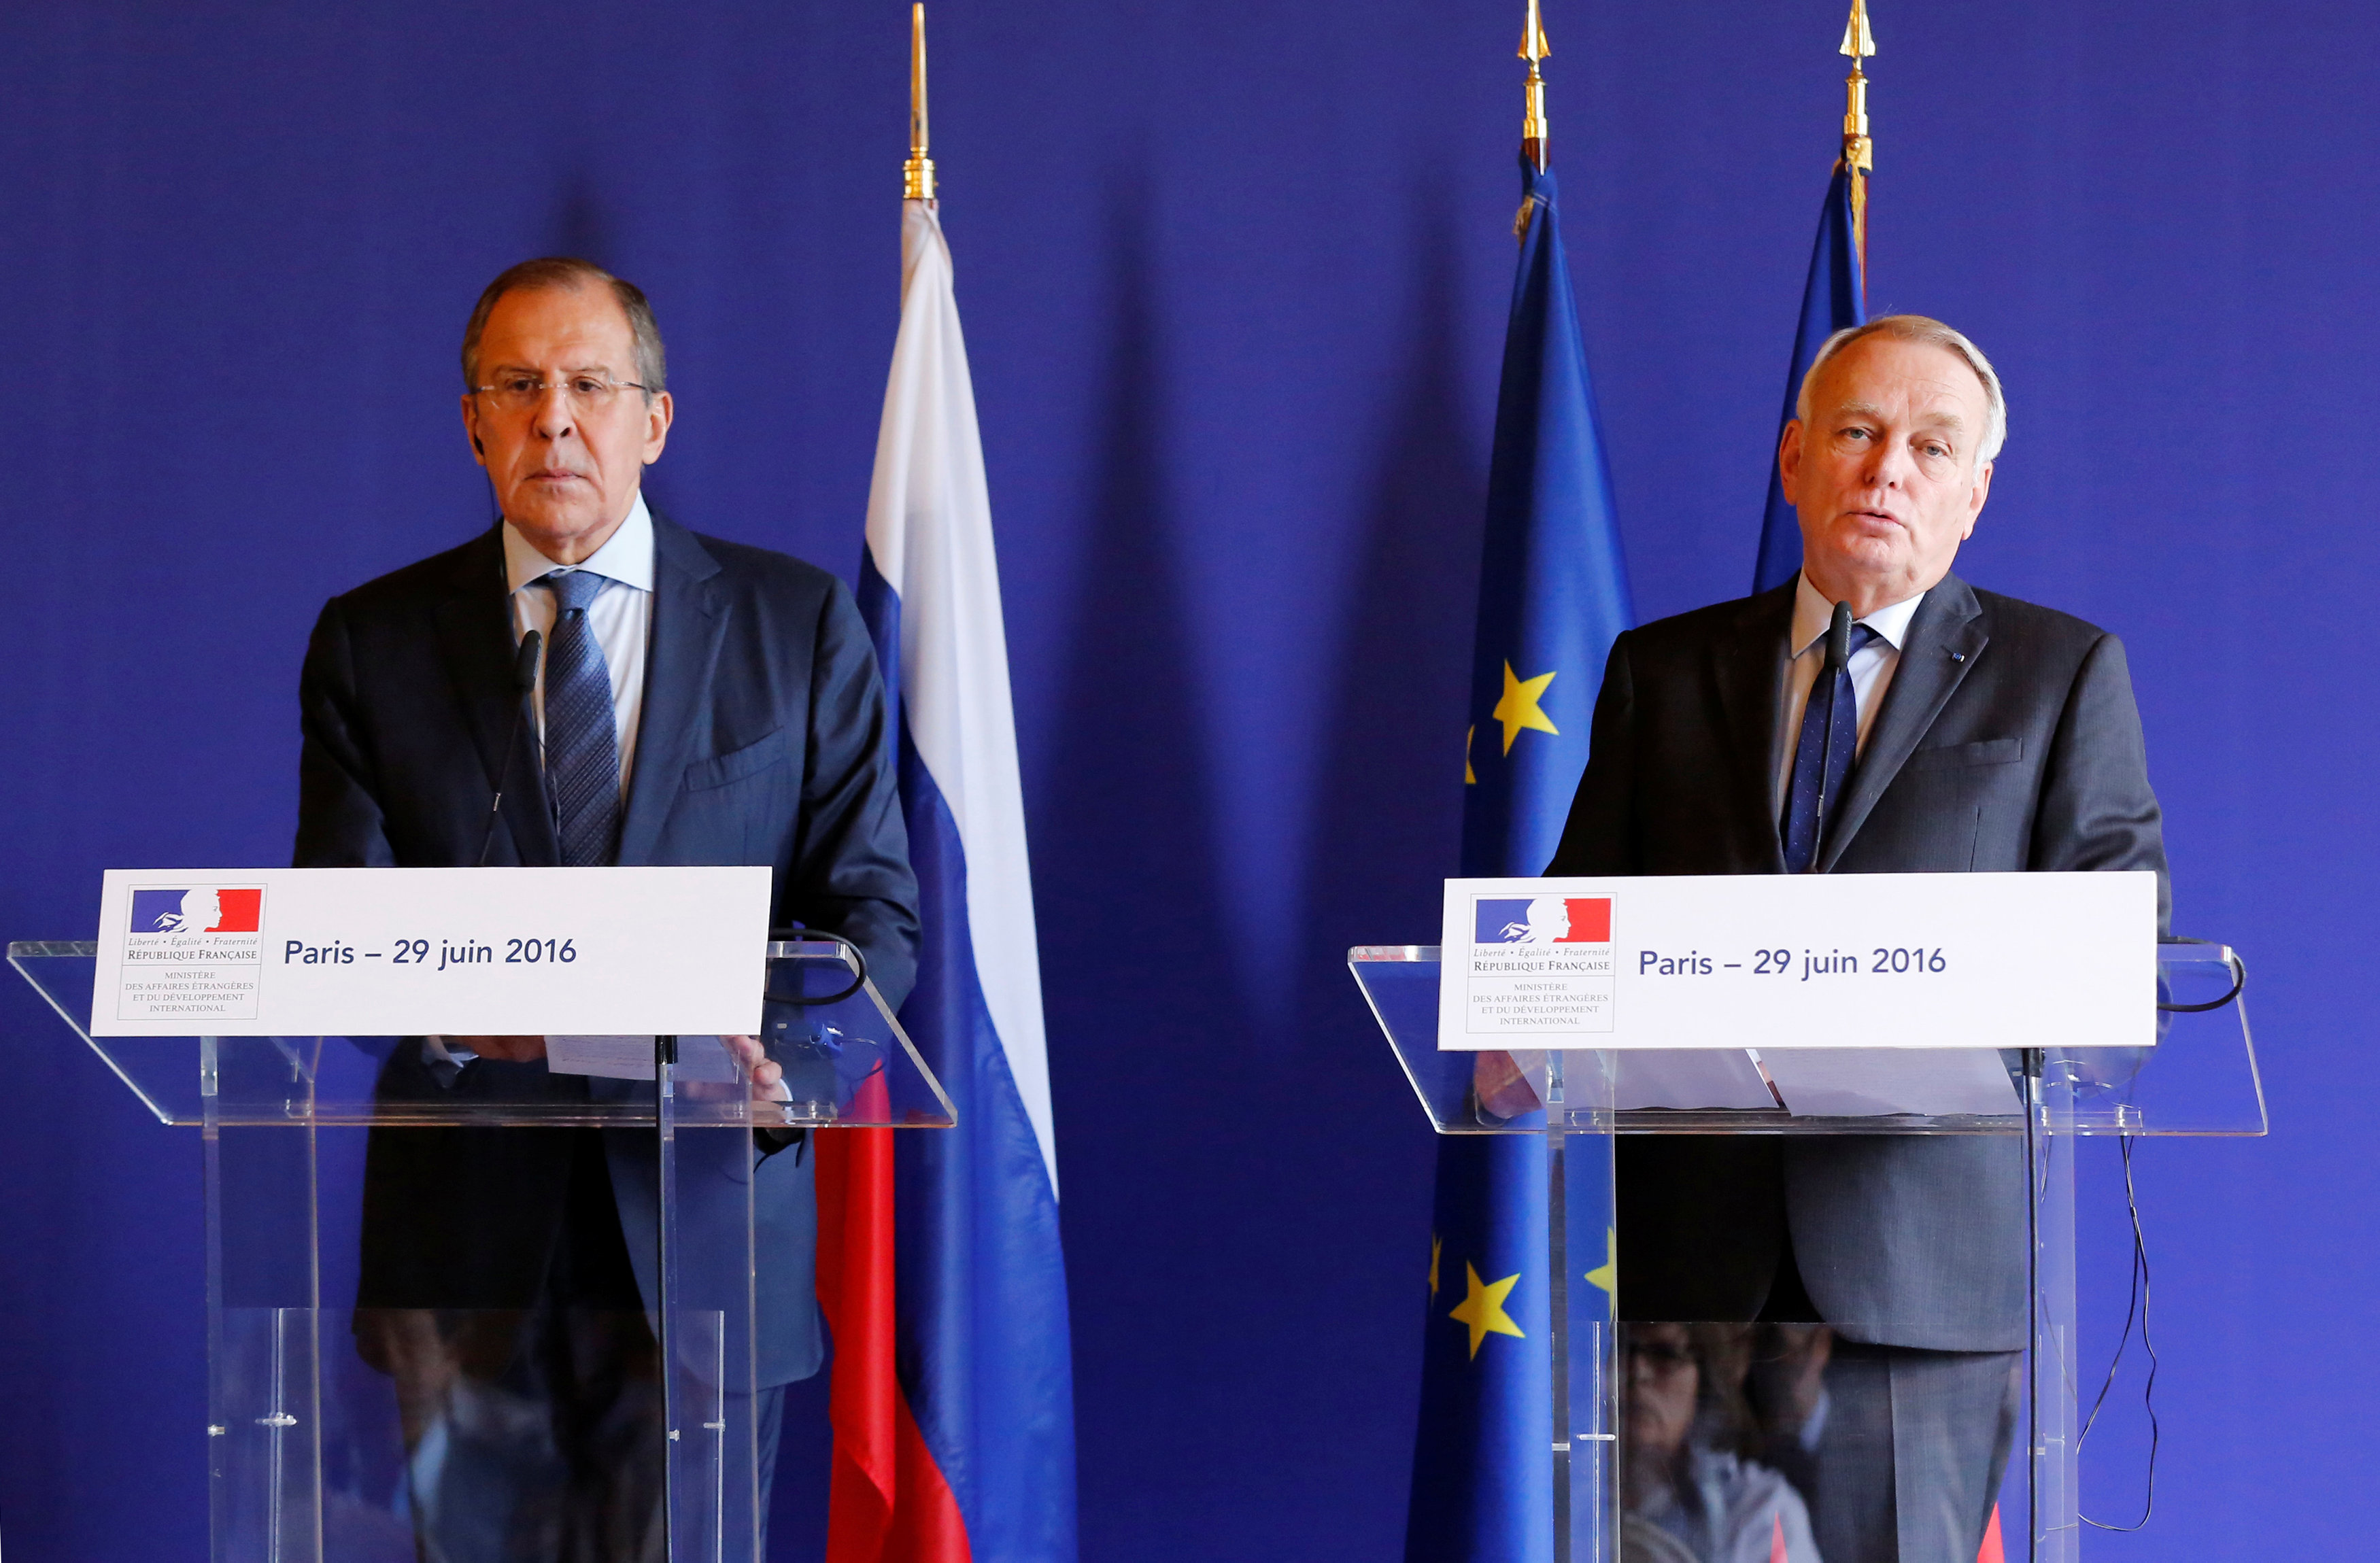 Il ministro degli Esteri russo Sergei Lavrov e il ministro degli Esteri di Francia Jean-Marc Eyraud.  29 giugno 2016